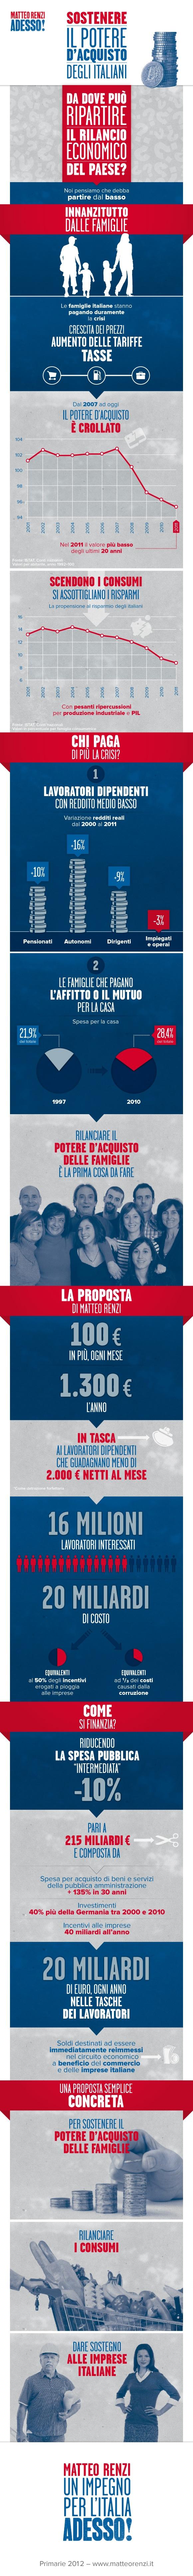 Il potere di acquisto delle famiglie..soluzioni per risolvere i problemi! Infografica Primarie 2012